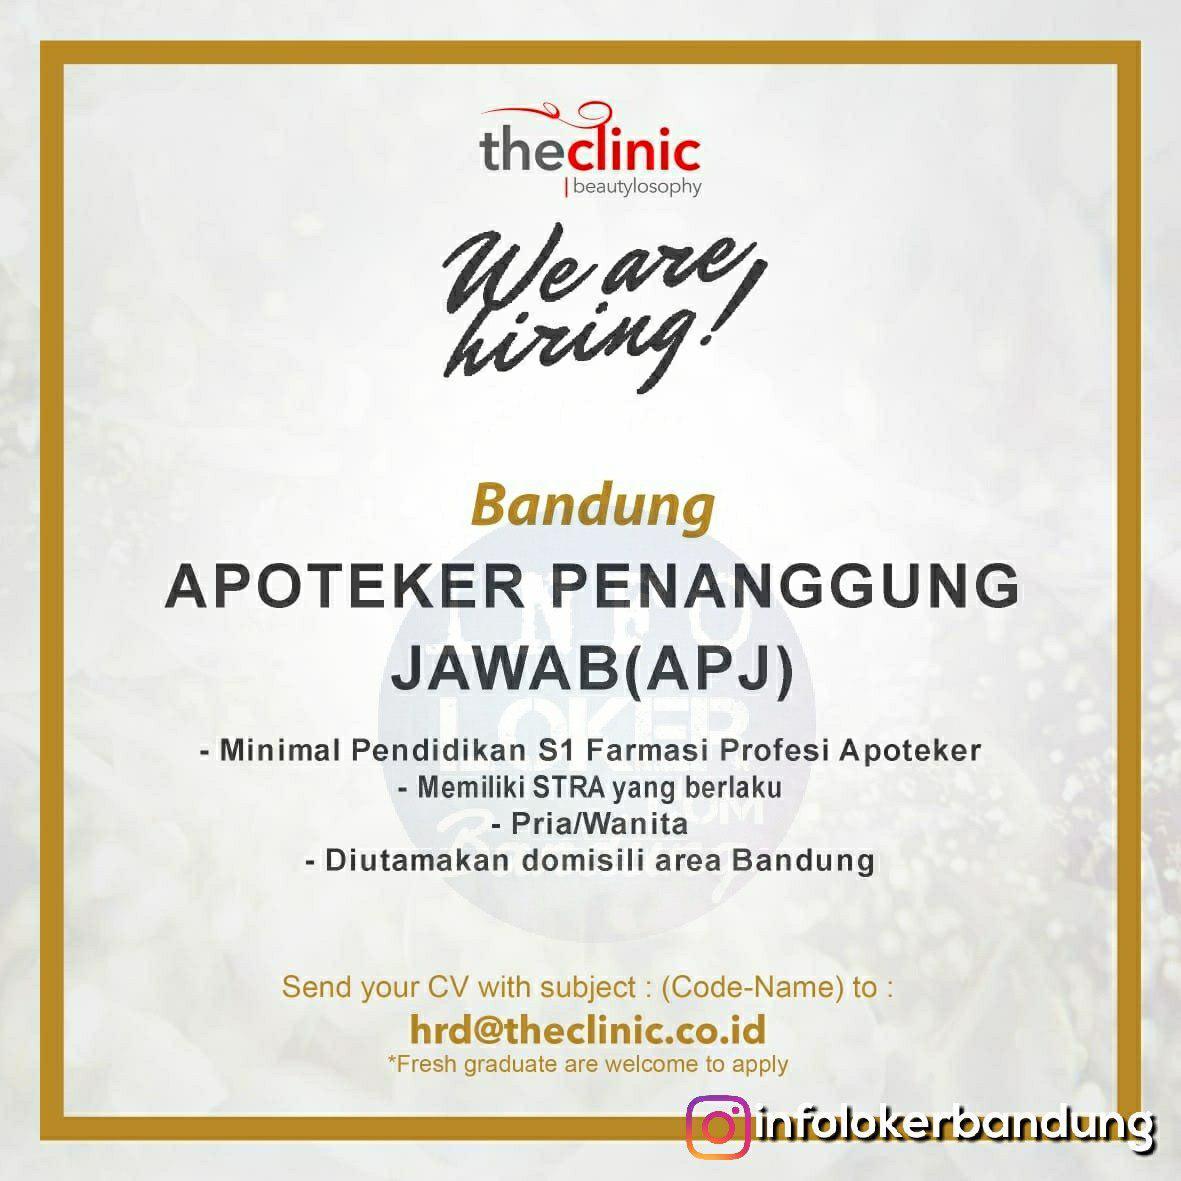 Lowongan Kerja The Clinic Beautylosophy Bandung September 2018